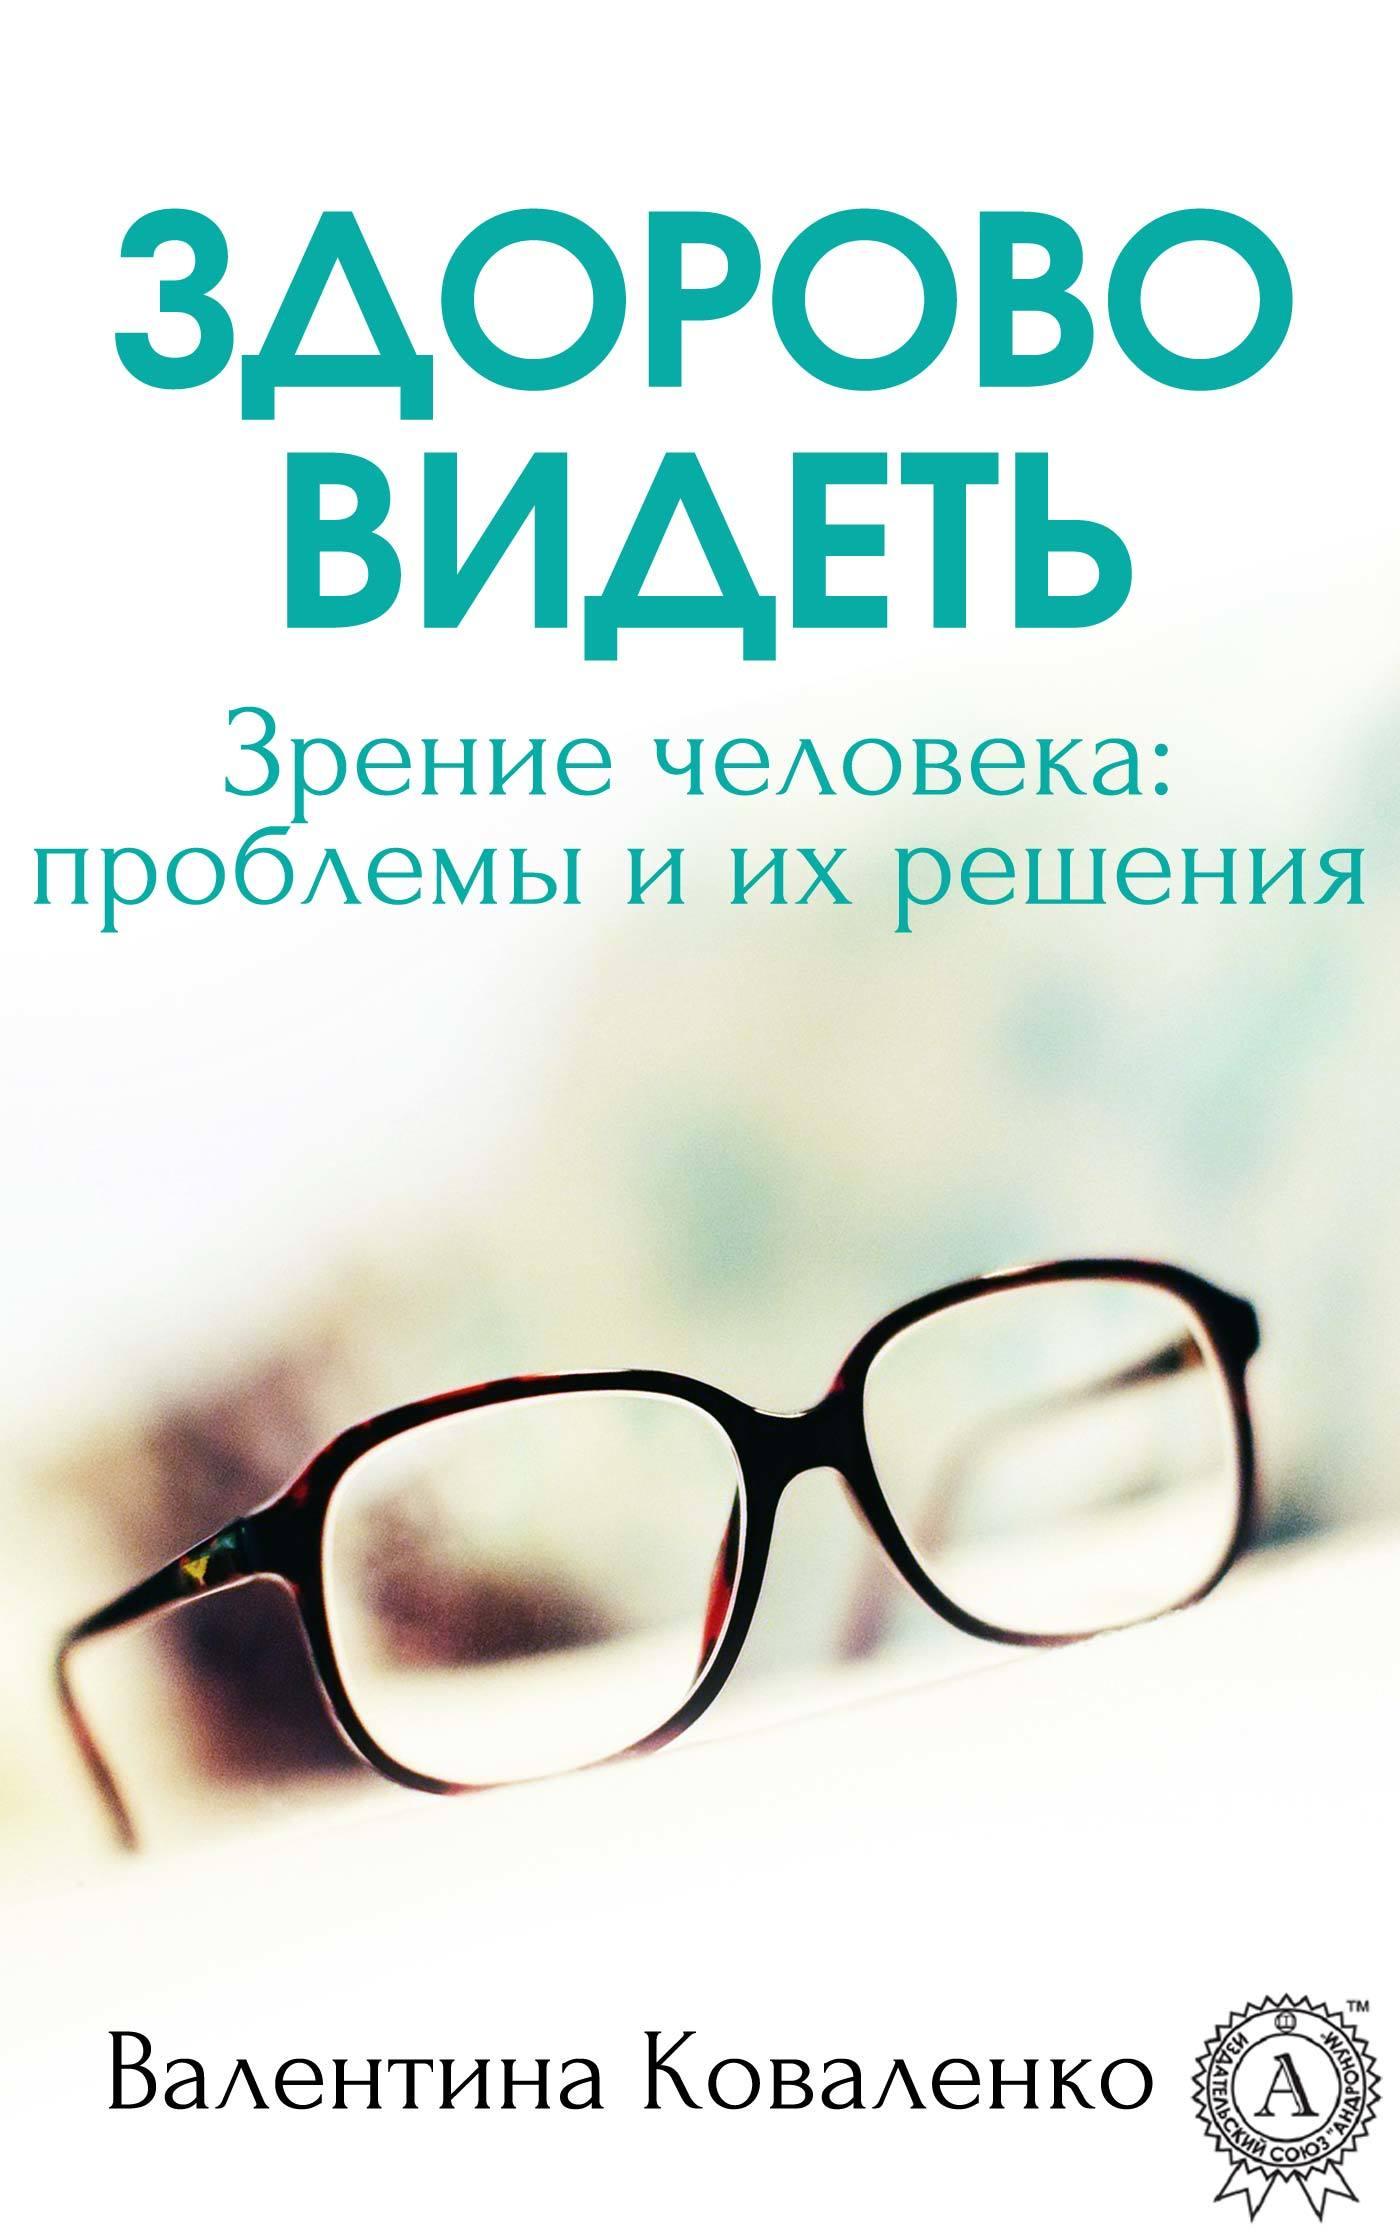 Скачать Здорово видеть. Зрение человека: проблемы и их решение быстро